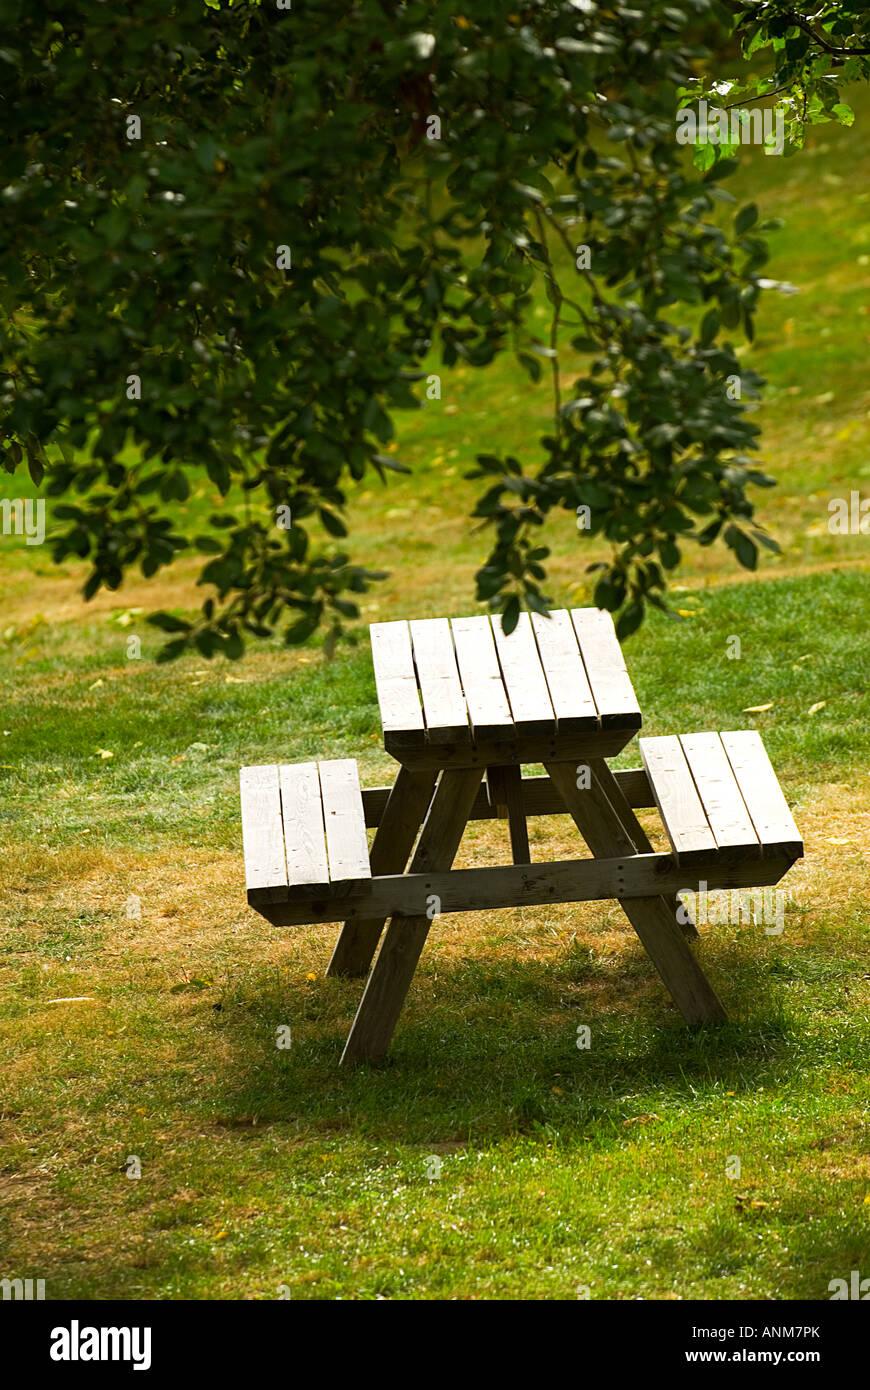 picknick tisch auf dem gr nen rasen unter baum stockfoto bild 15557178 alamy. Black Bedroom Furniture Sets. Home Design Ideas